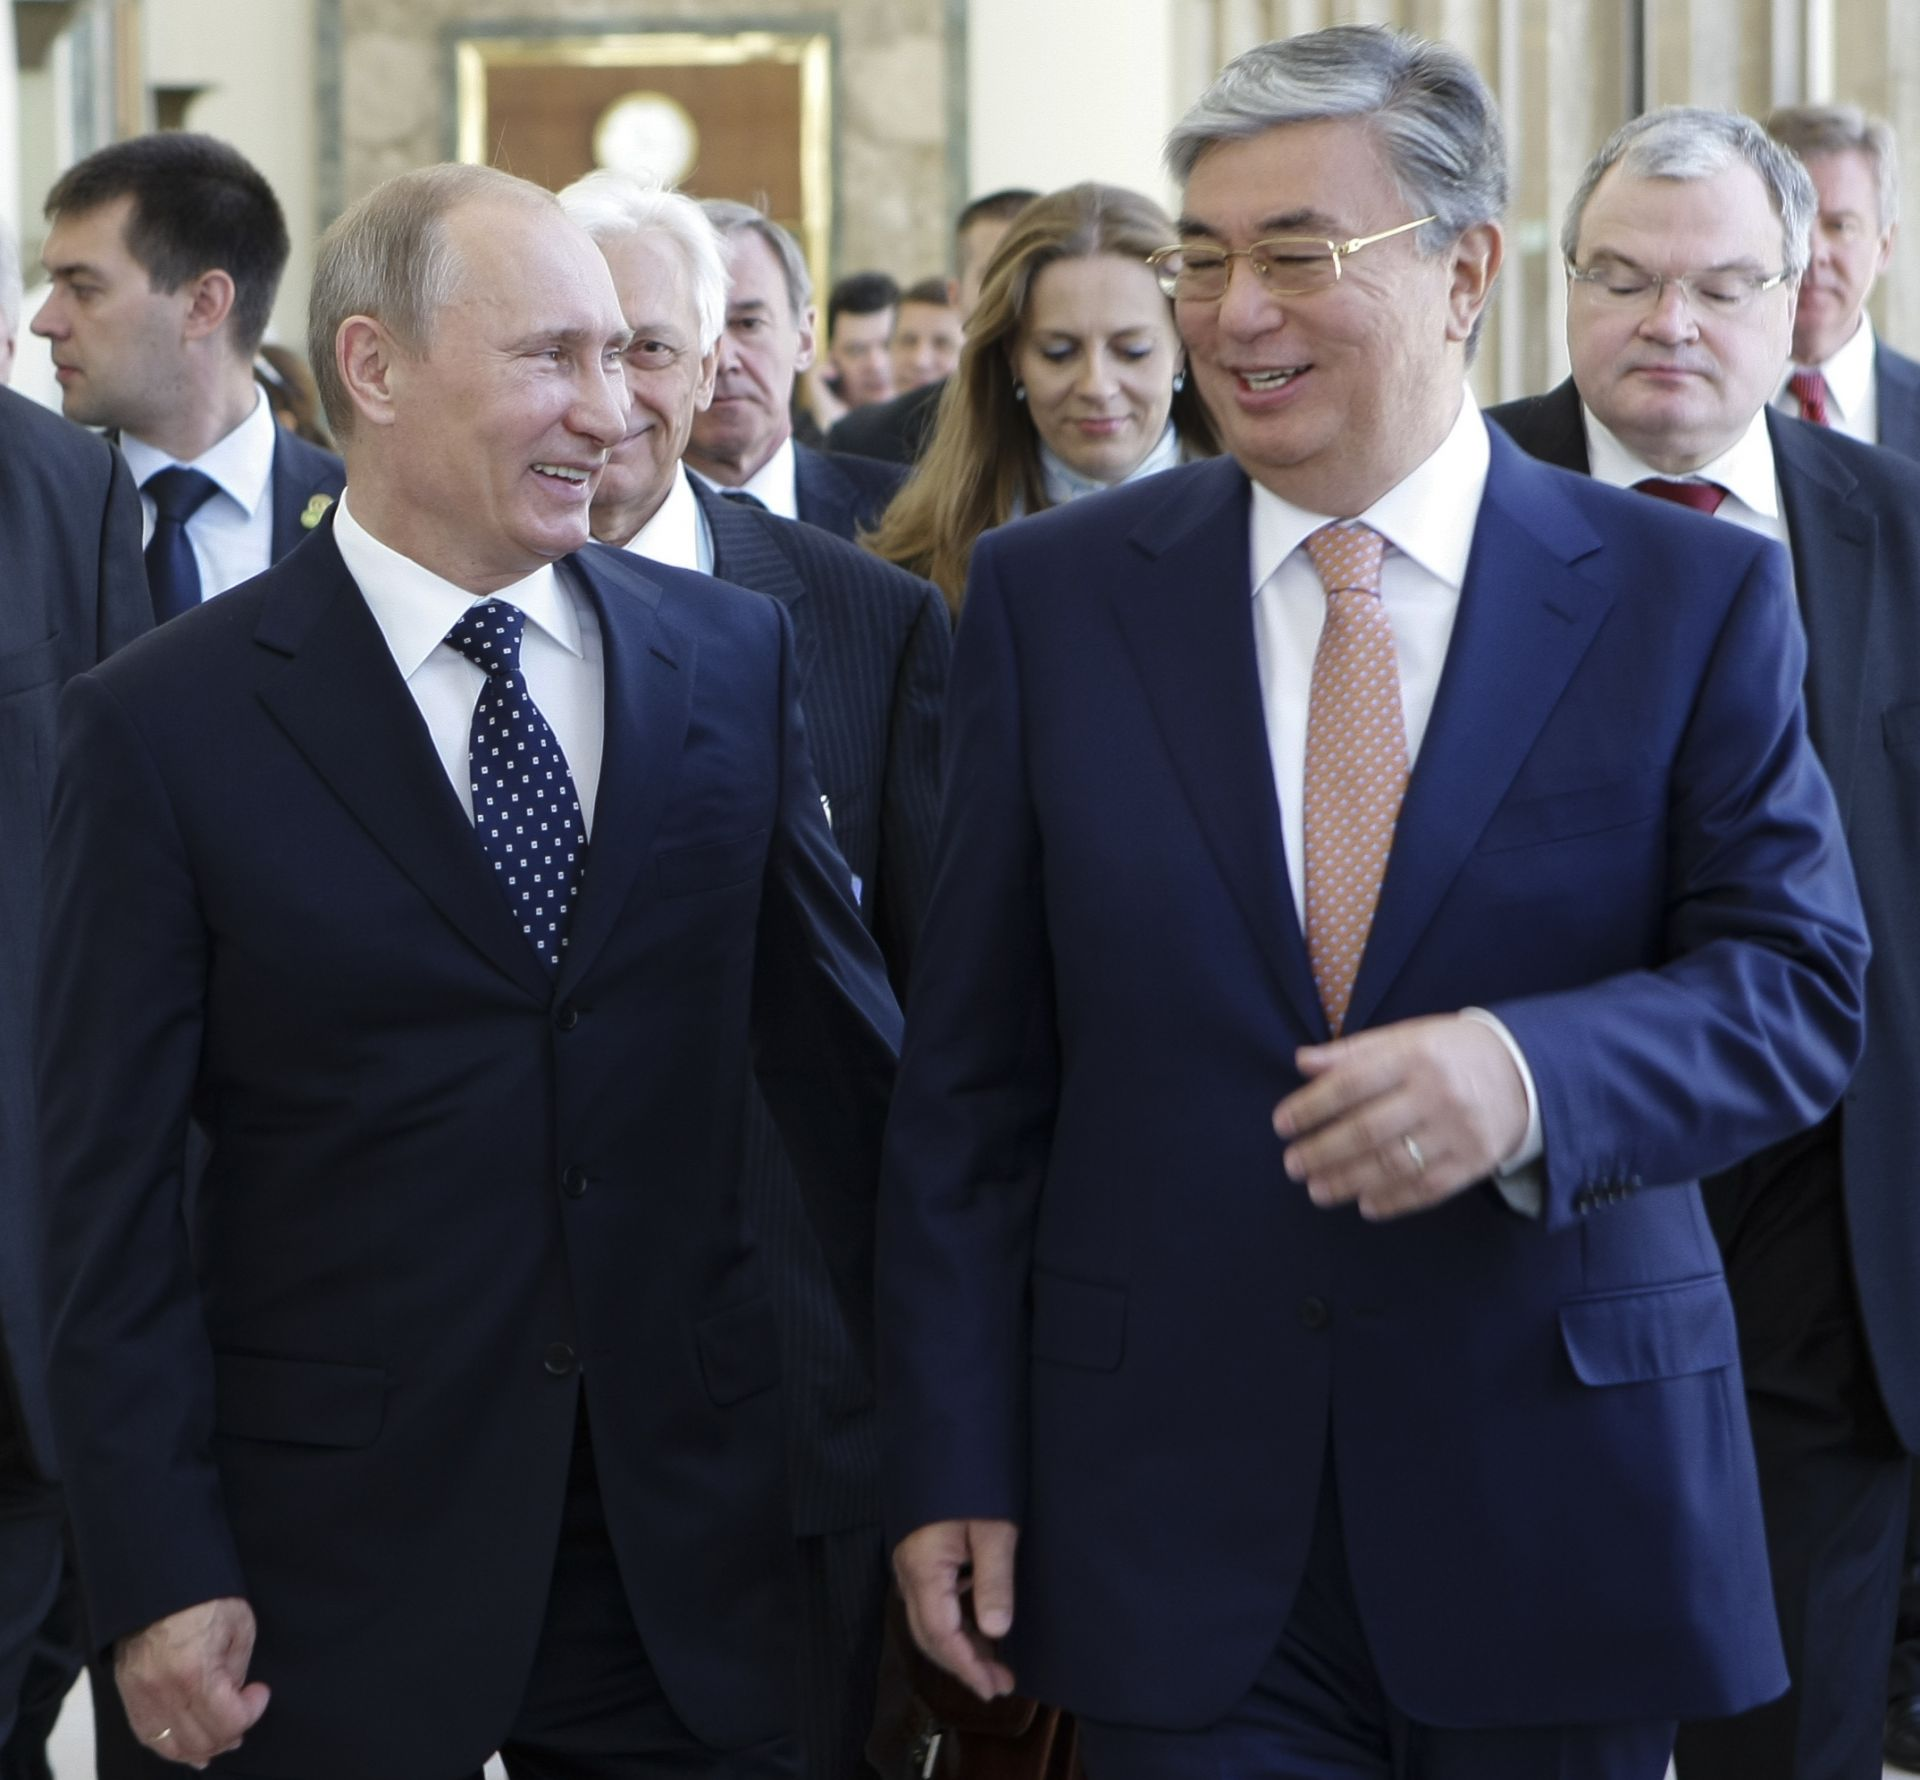 15 юни 2011 г.: Касим-Джомарт Токаев  разговаря с Владимир Путин по време на срещата в Женева